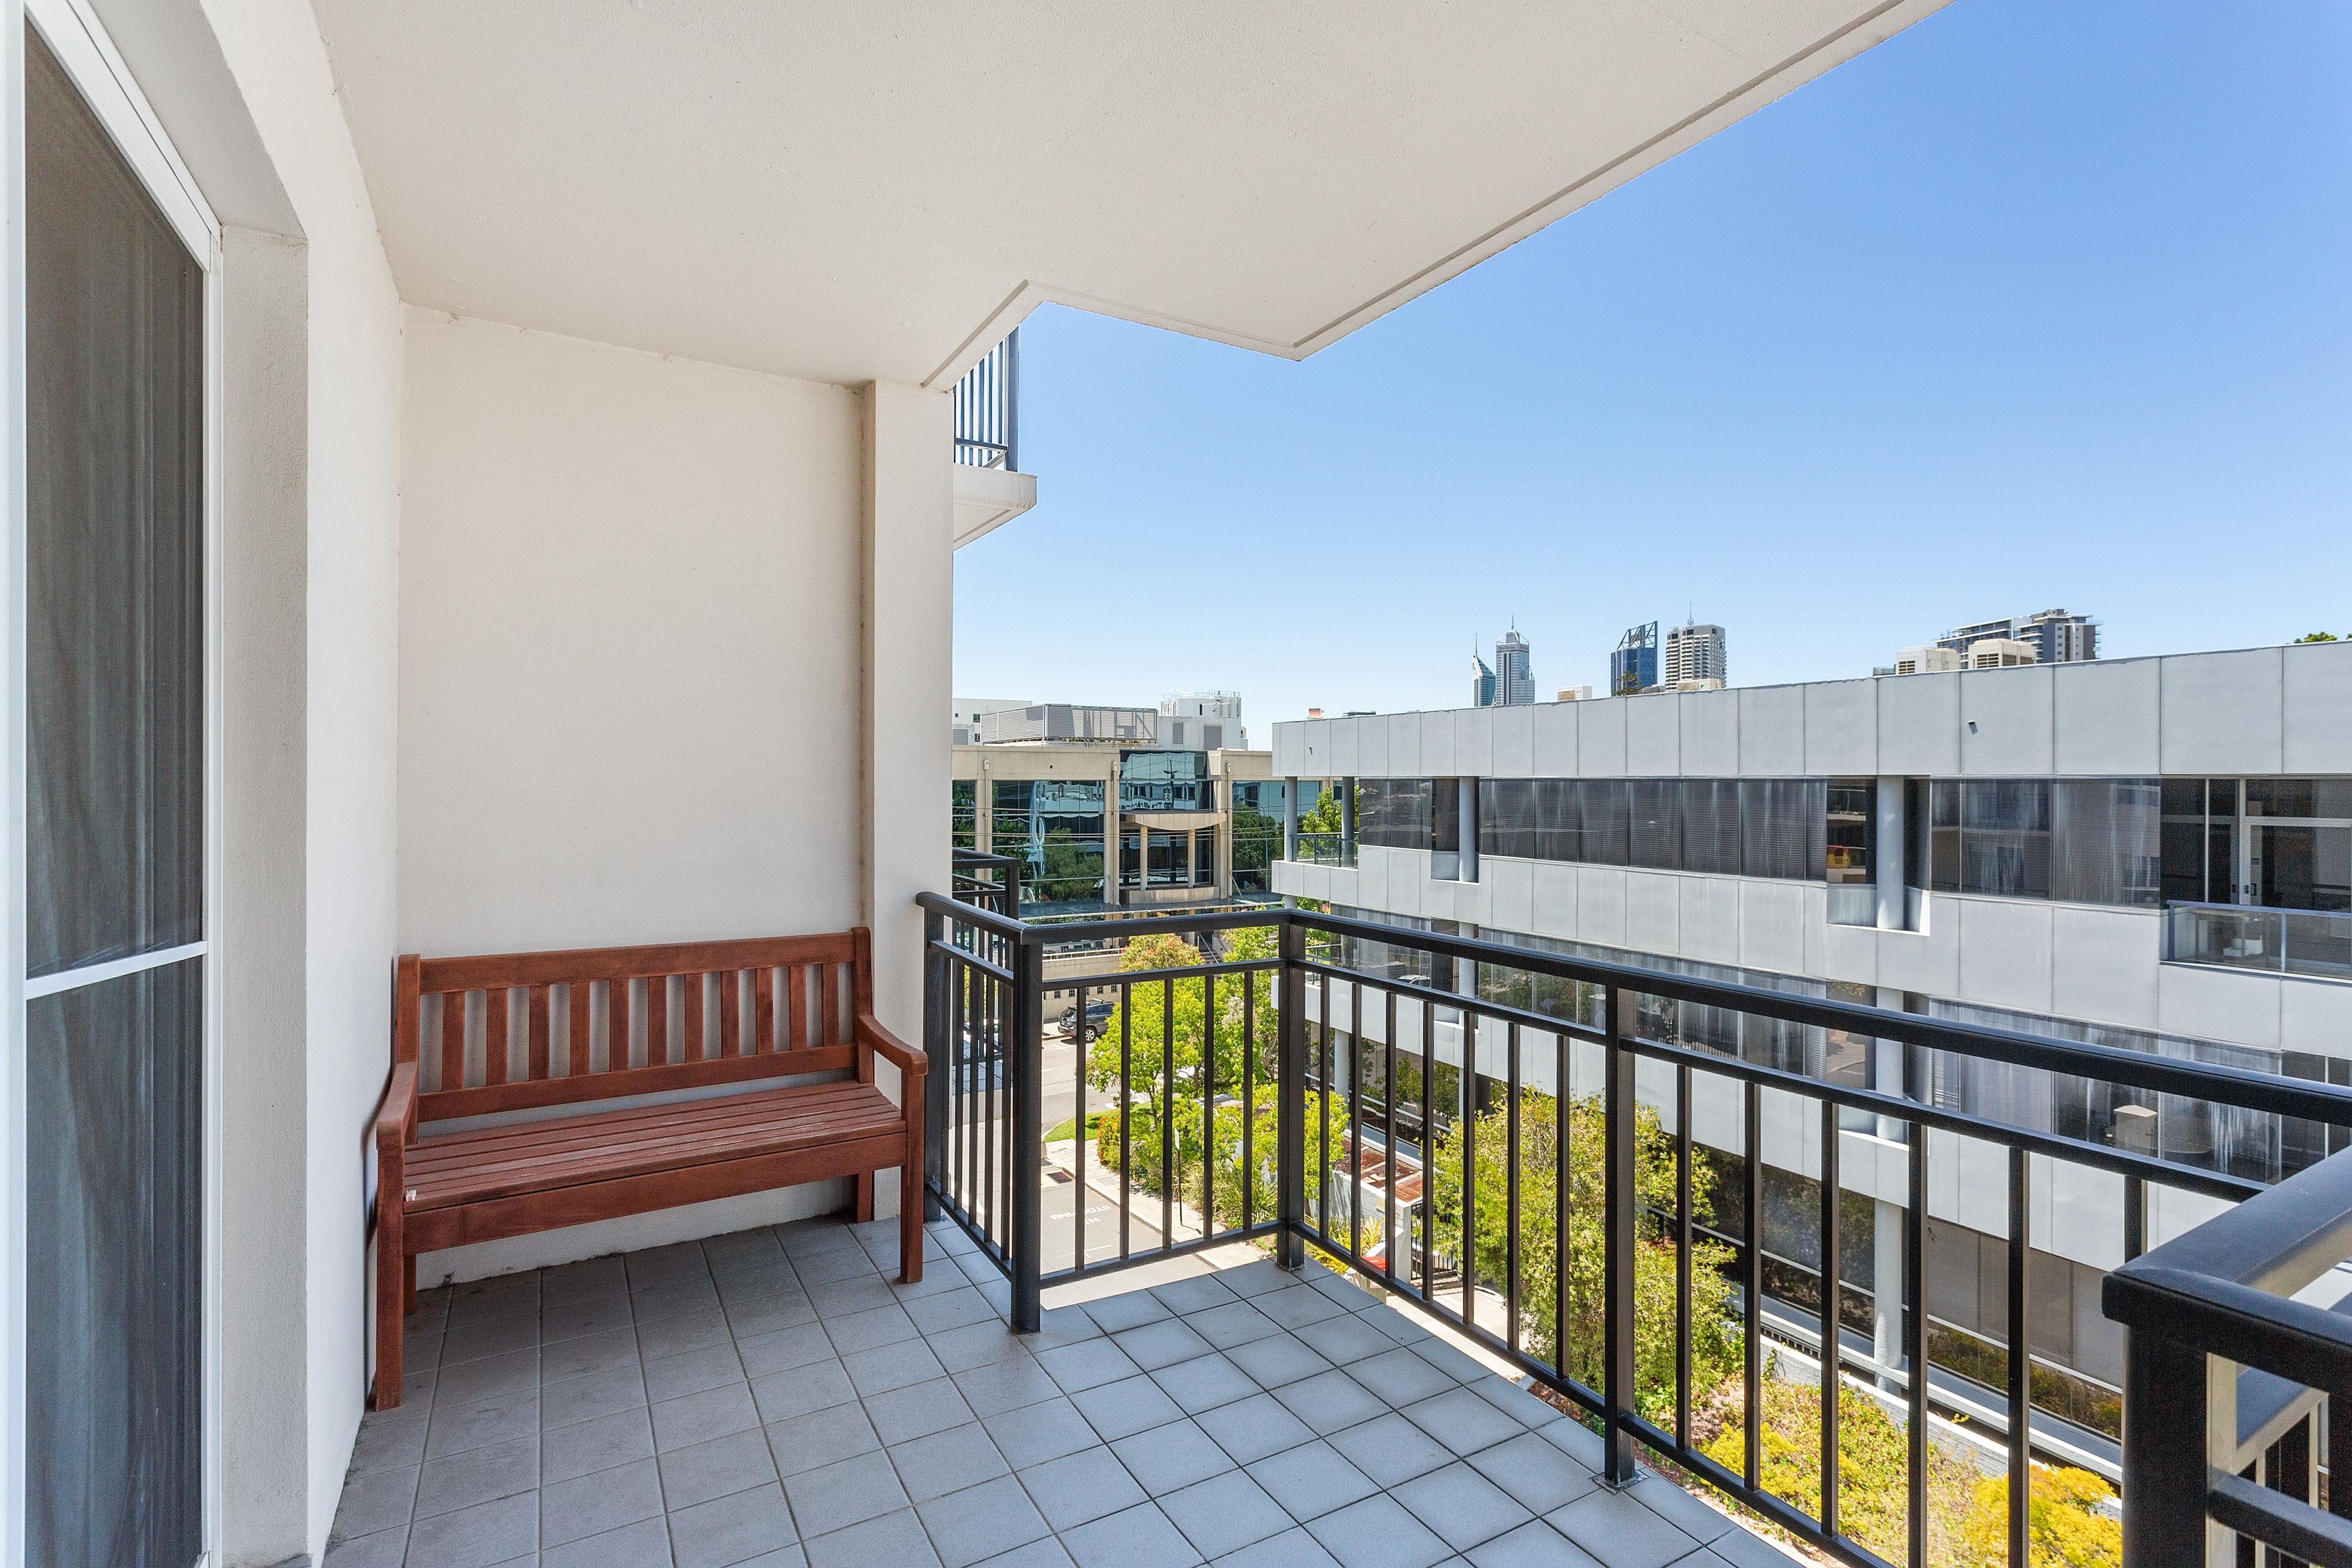 PRINT 9w 161 Colin Street, West Perth 05